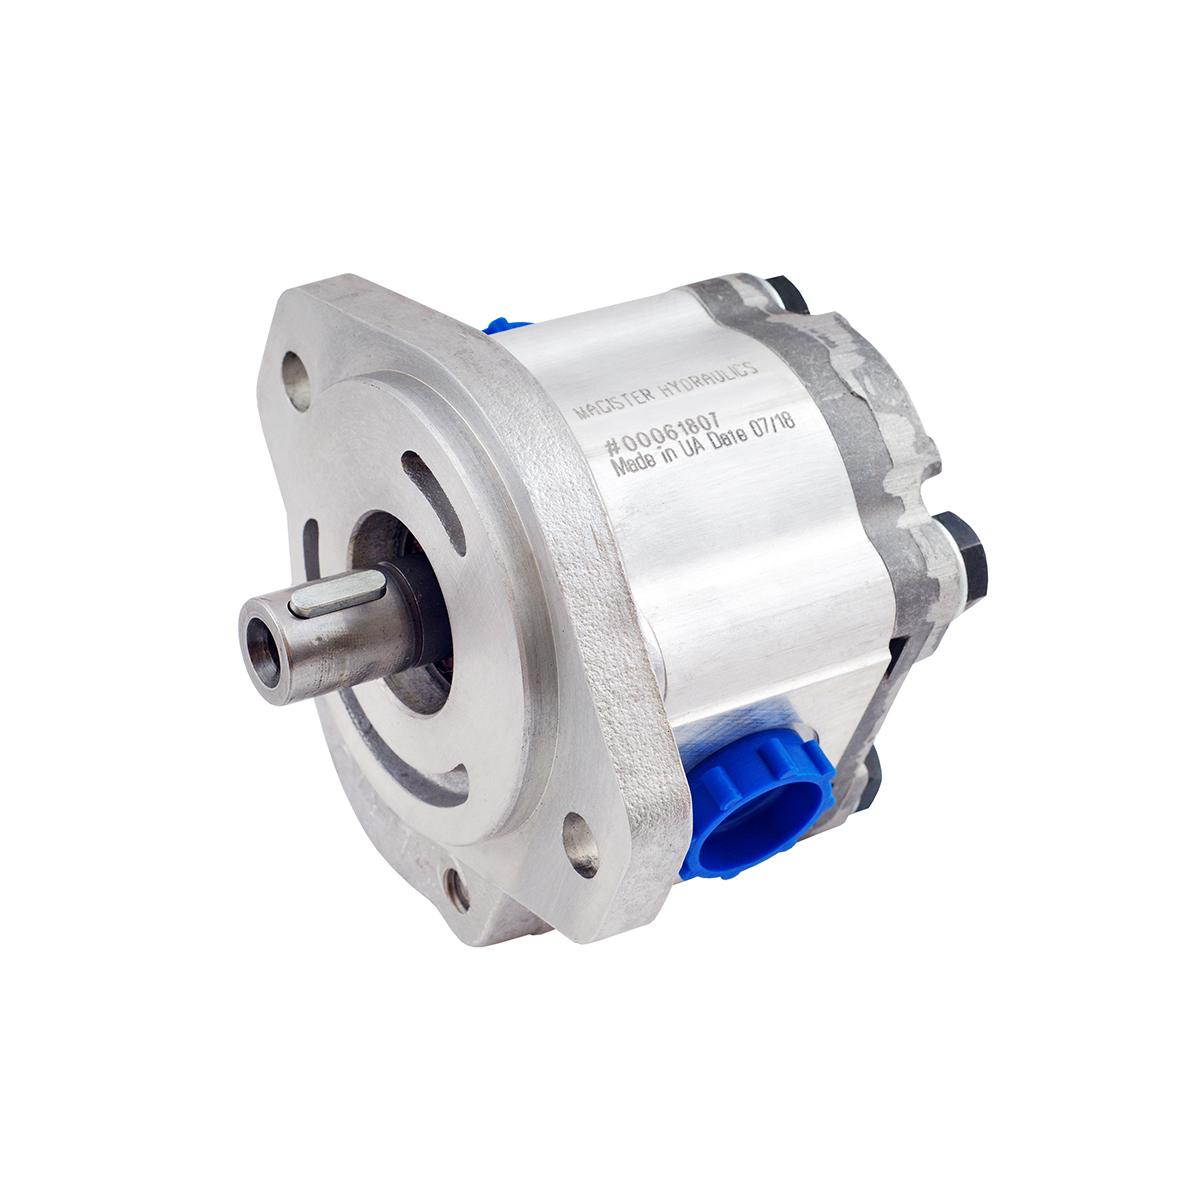 1.95 CID hydraulic gear pump, 7/8 keyed shaft clockwise gear pump | Magister Hydraulics